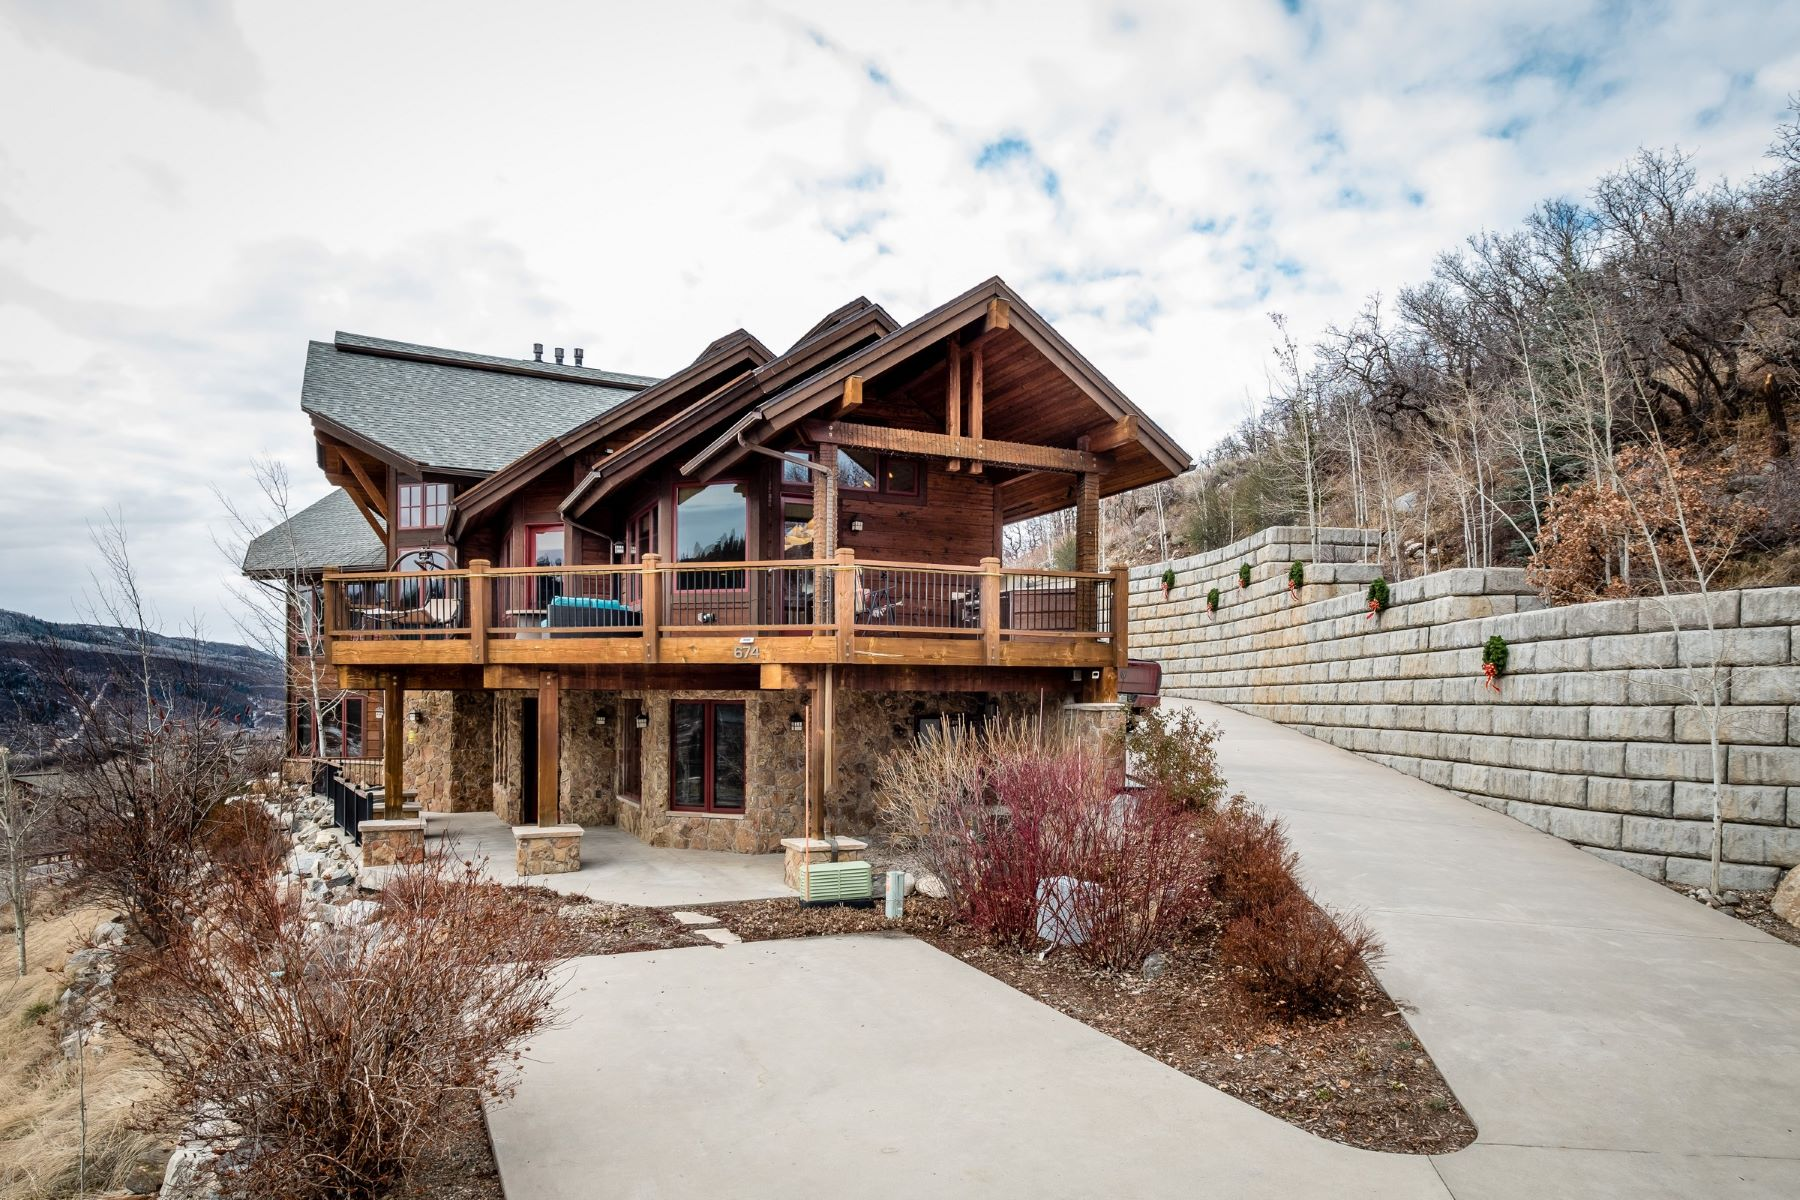 独户住宅 为 销售 在 Luxury Sanctuary Home 674 Steamboat Boulevard, 斯廷博特斯普林斯, 科罗拉多州, 80487 美国